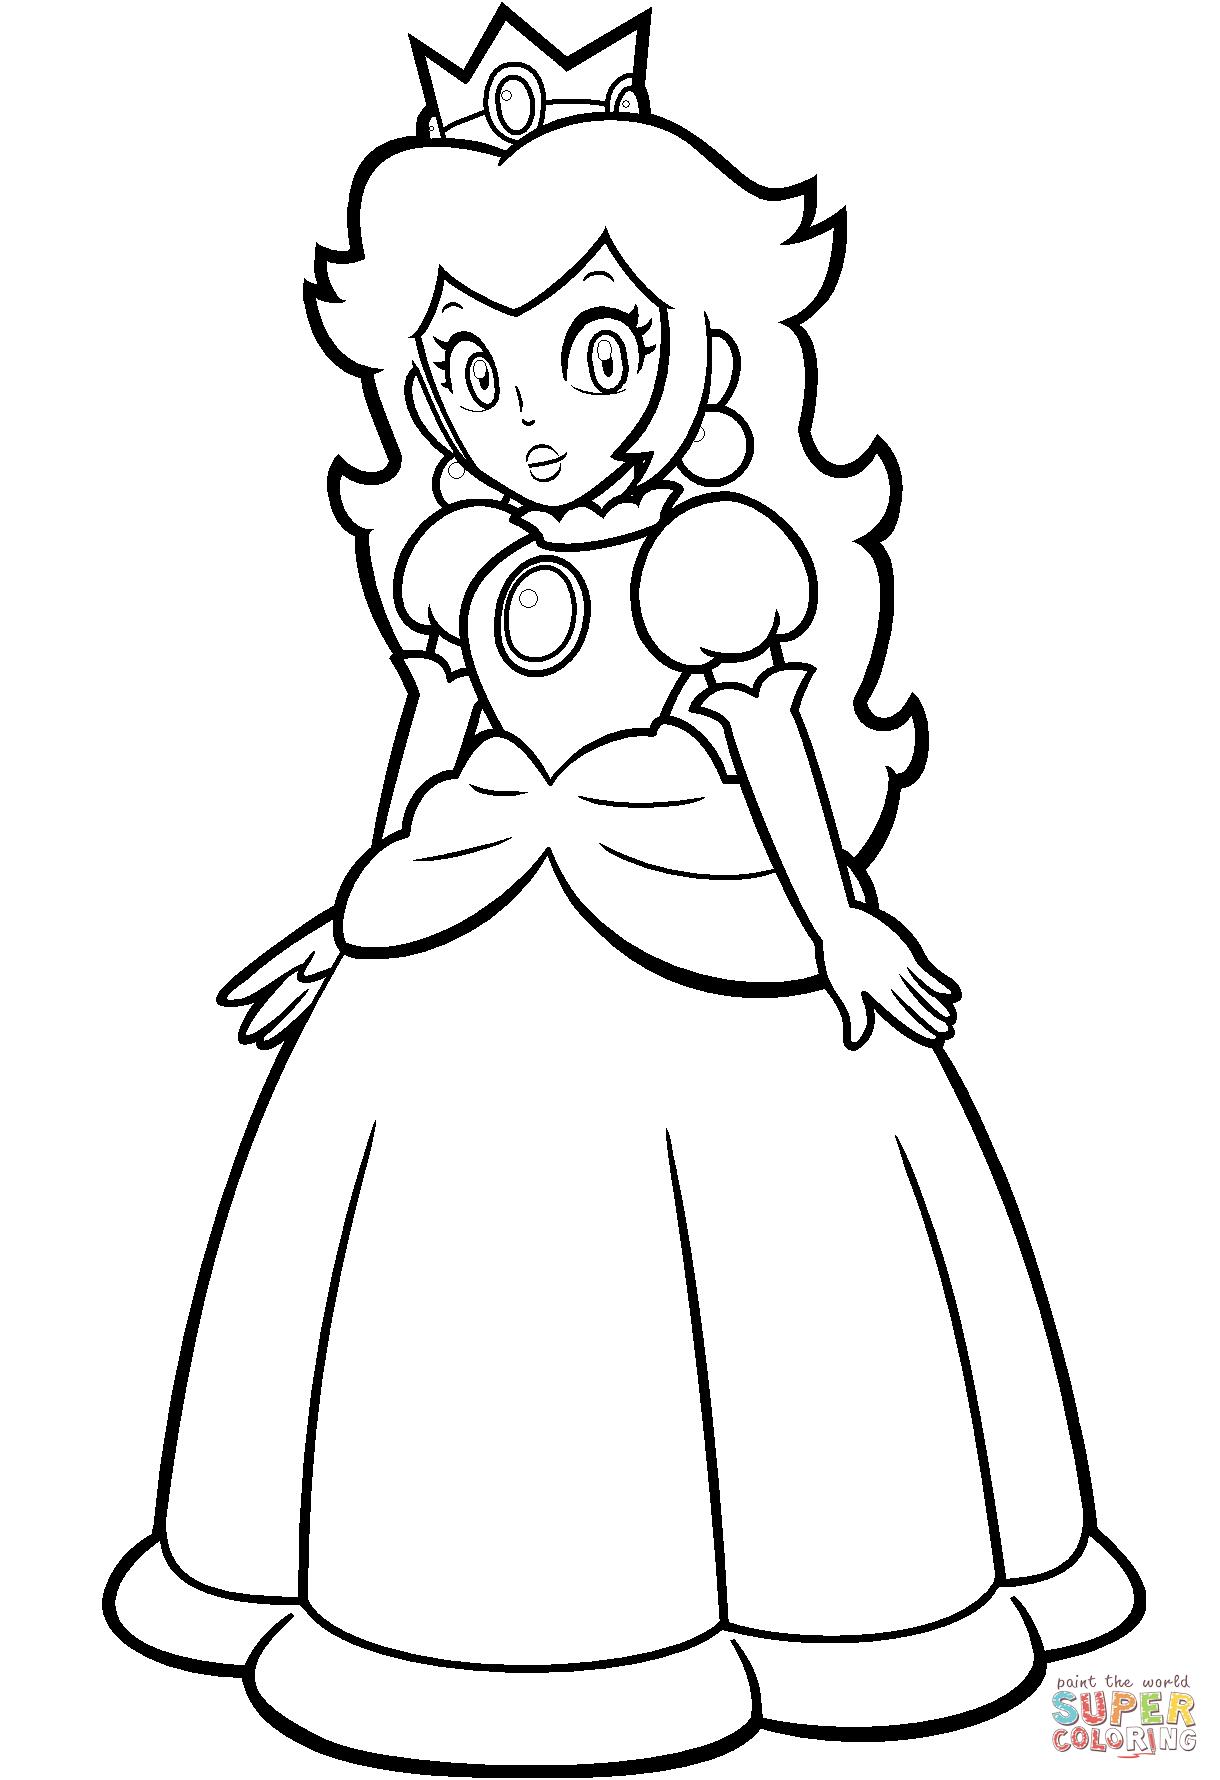 1220x1780 Princess Peach Drawings Free Coloring Sheets